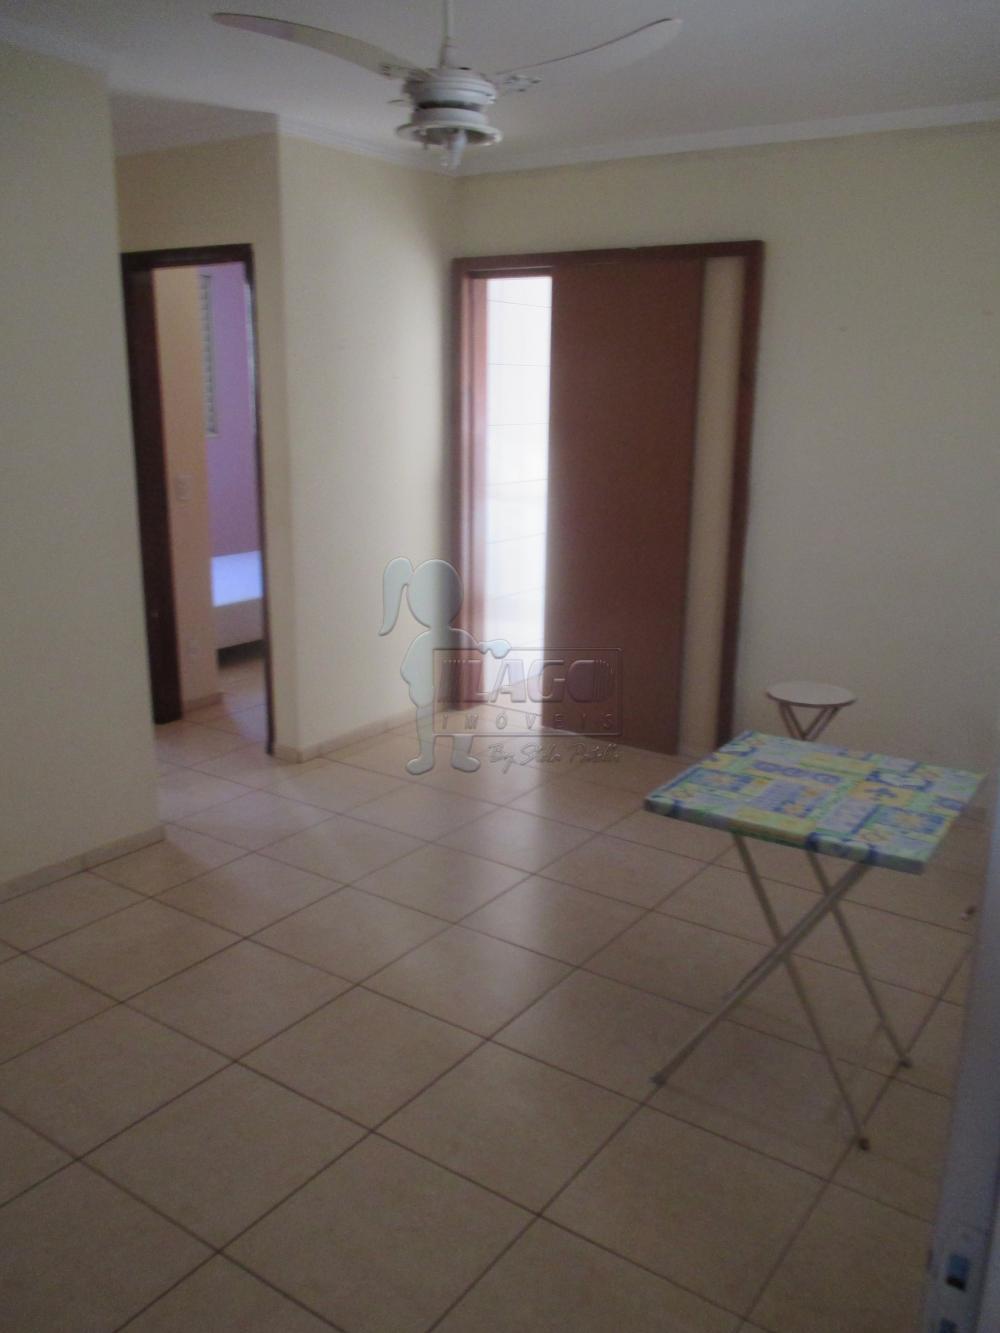 Alugar Apartamento / Mobiliado em Ribeirão Preto apenas R$ 700,00 - Foto 1